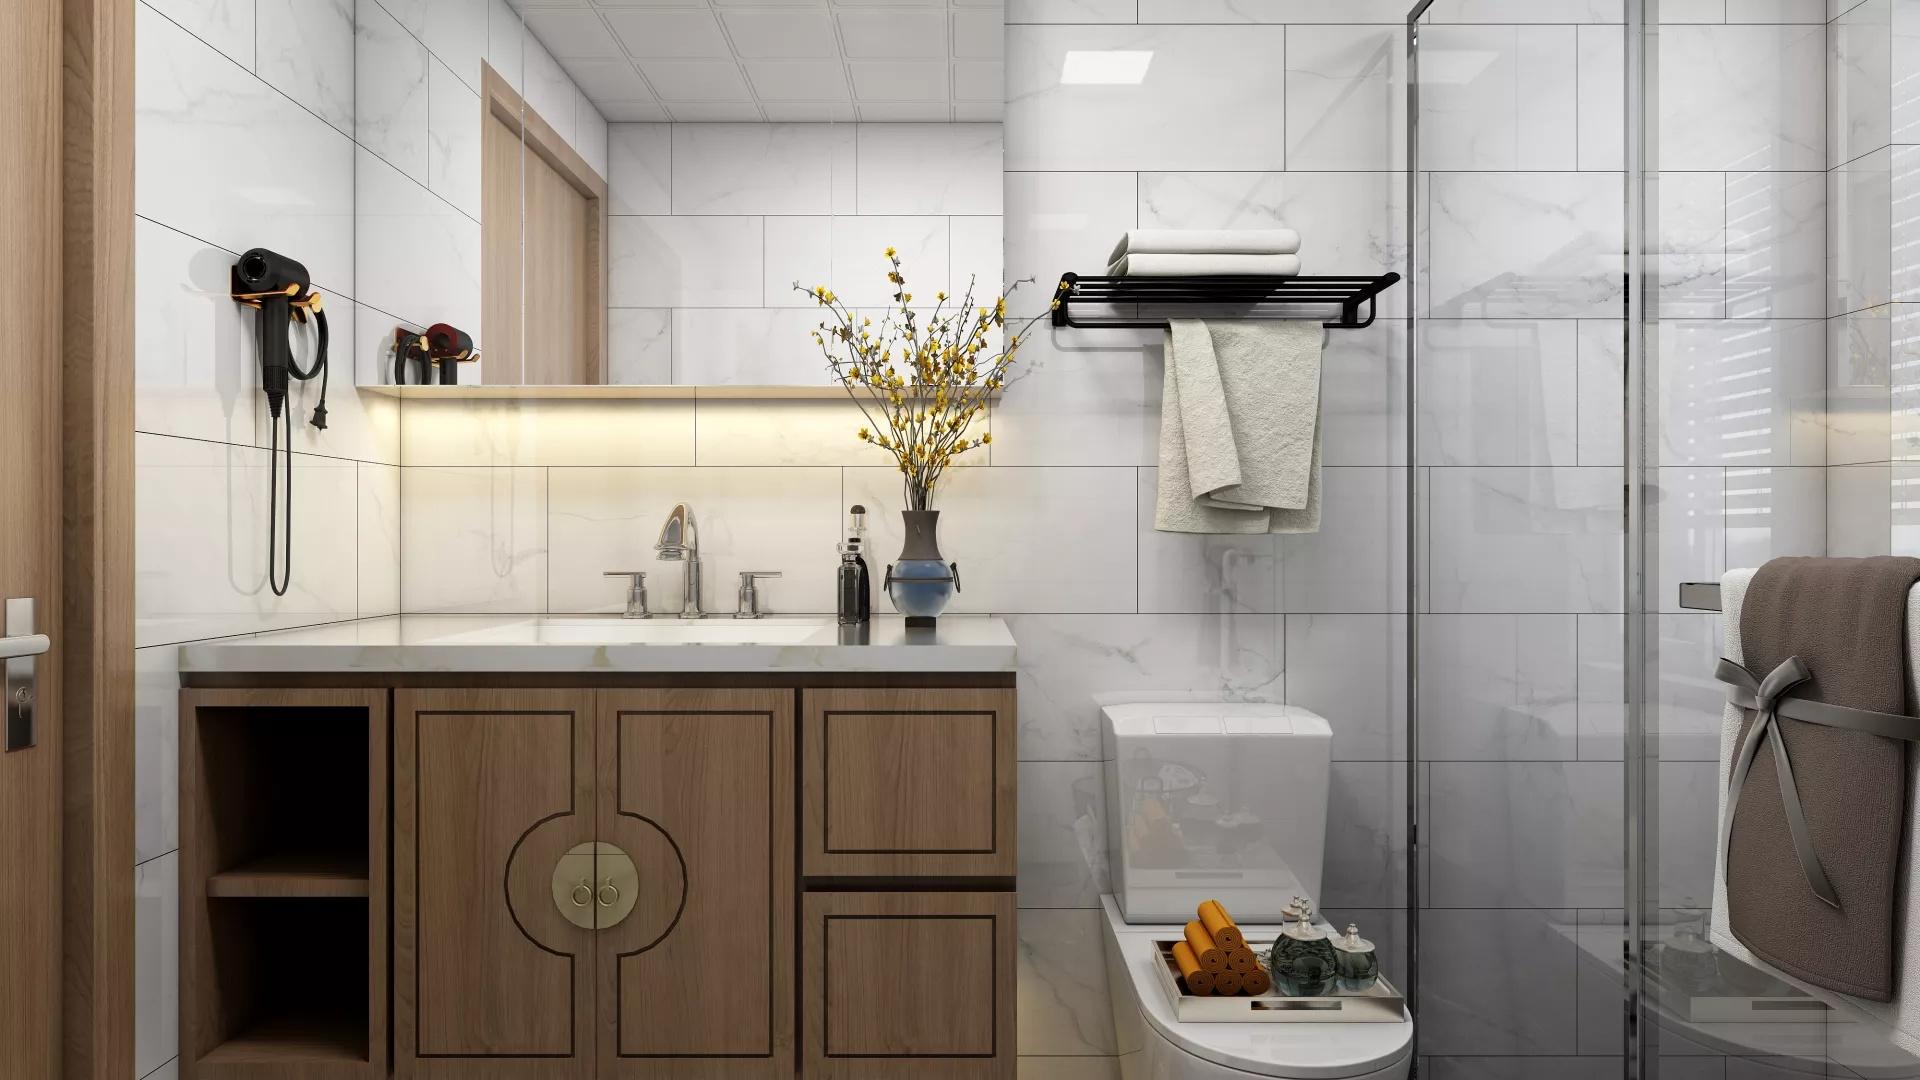 小厨房怎么设计 小厨房装修设计技巧